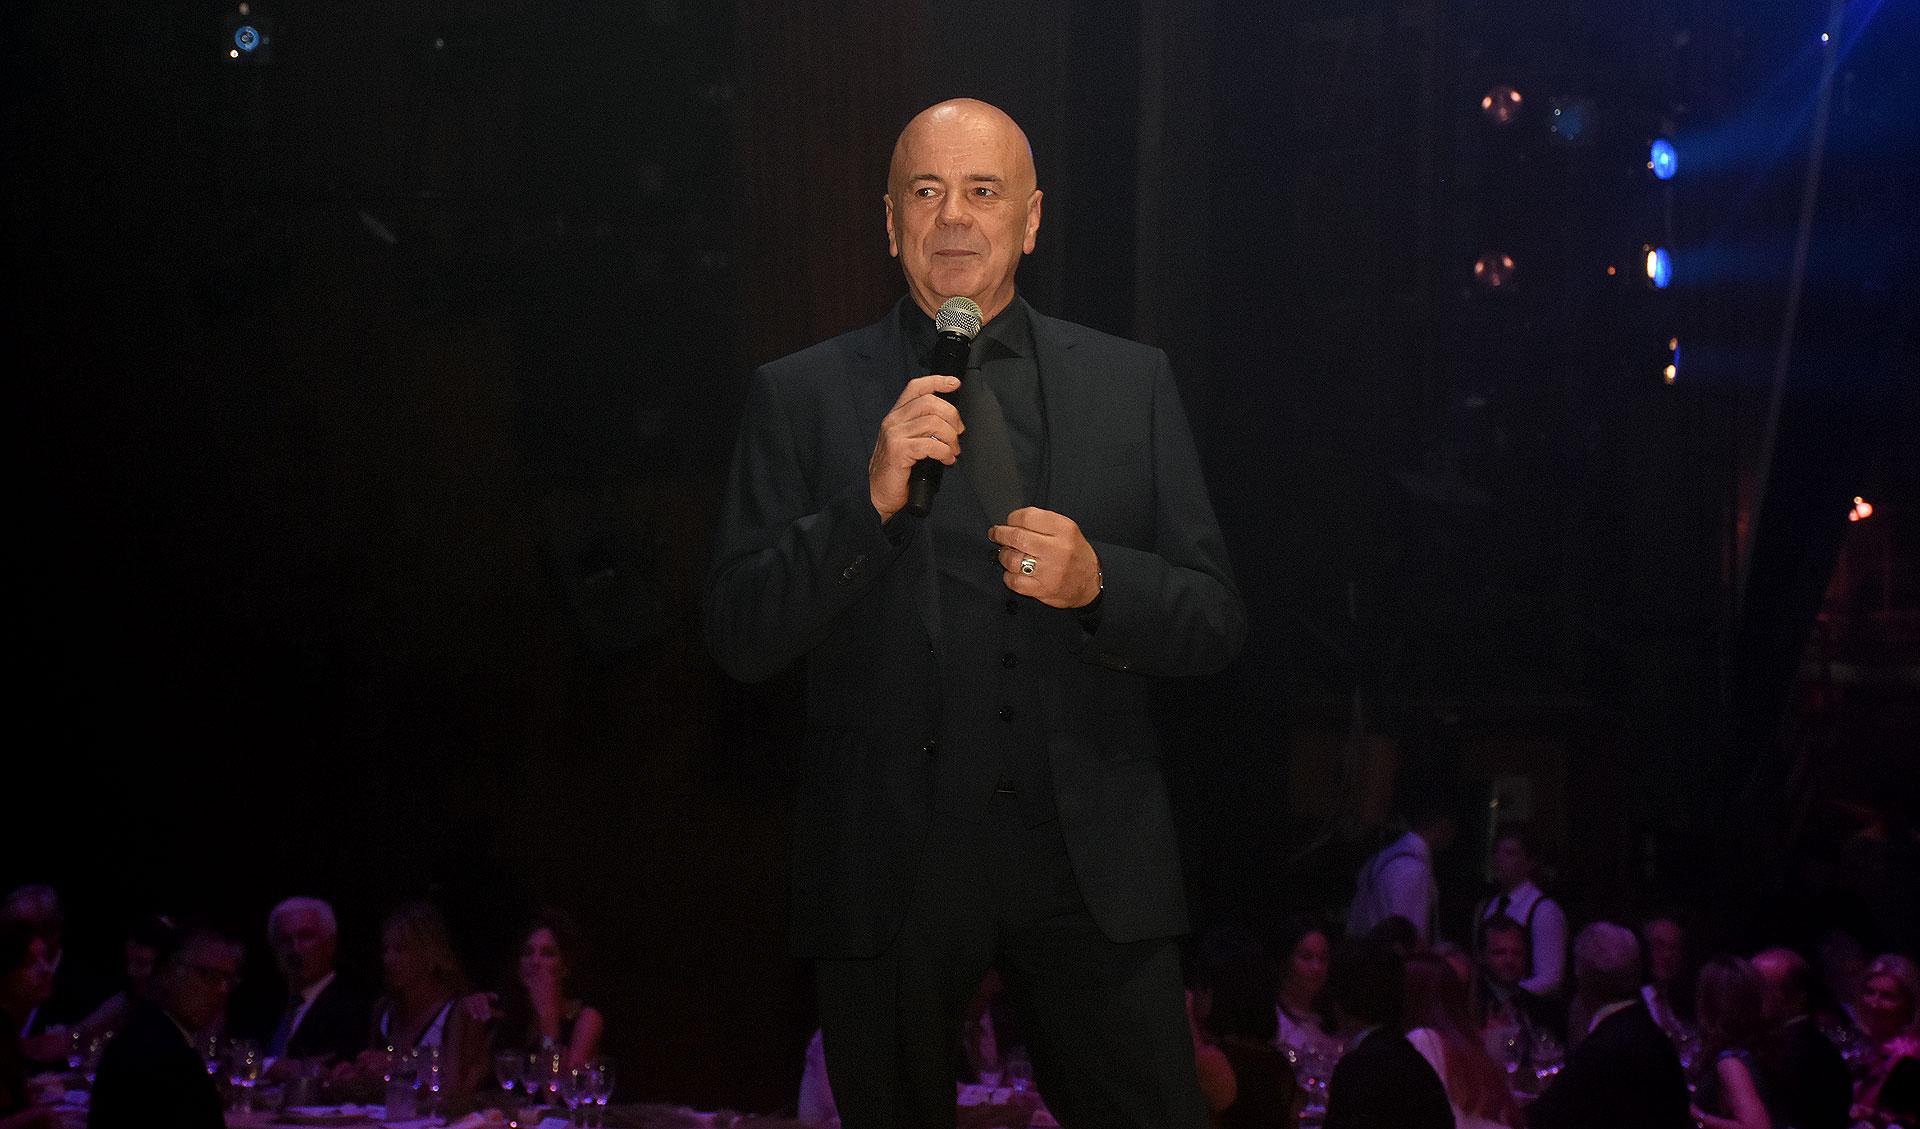 El discurso de Jorge Telerman, director del Complejo Teatral de Buenos Aires